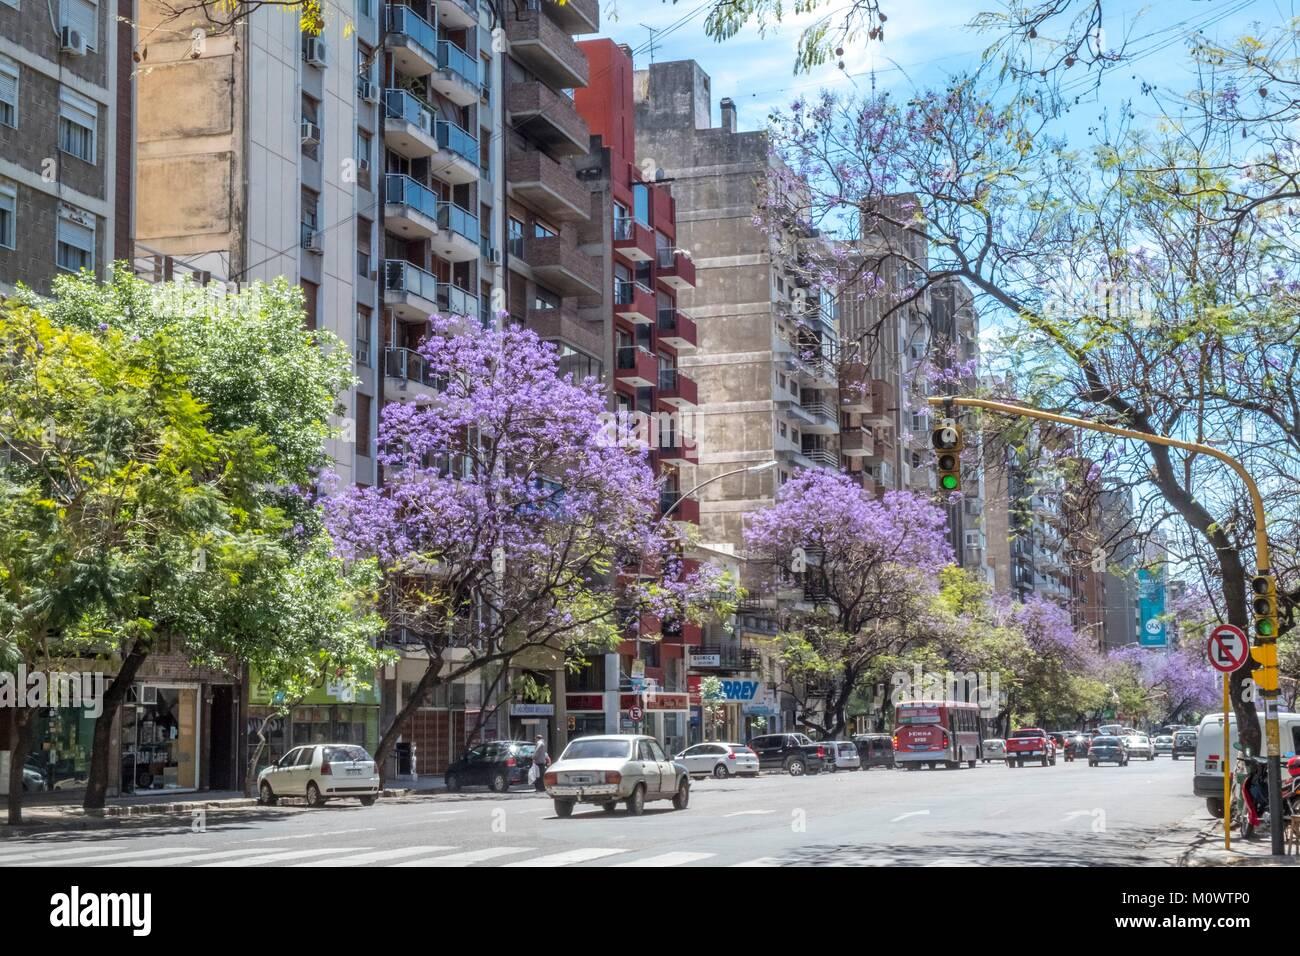 L'Argentina,in provincia di Cordoba,Cordoba,Chacabuco avenue Immagini Stock